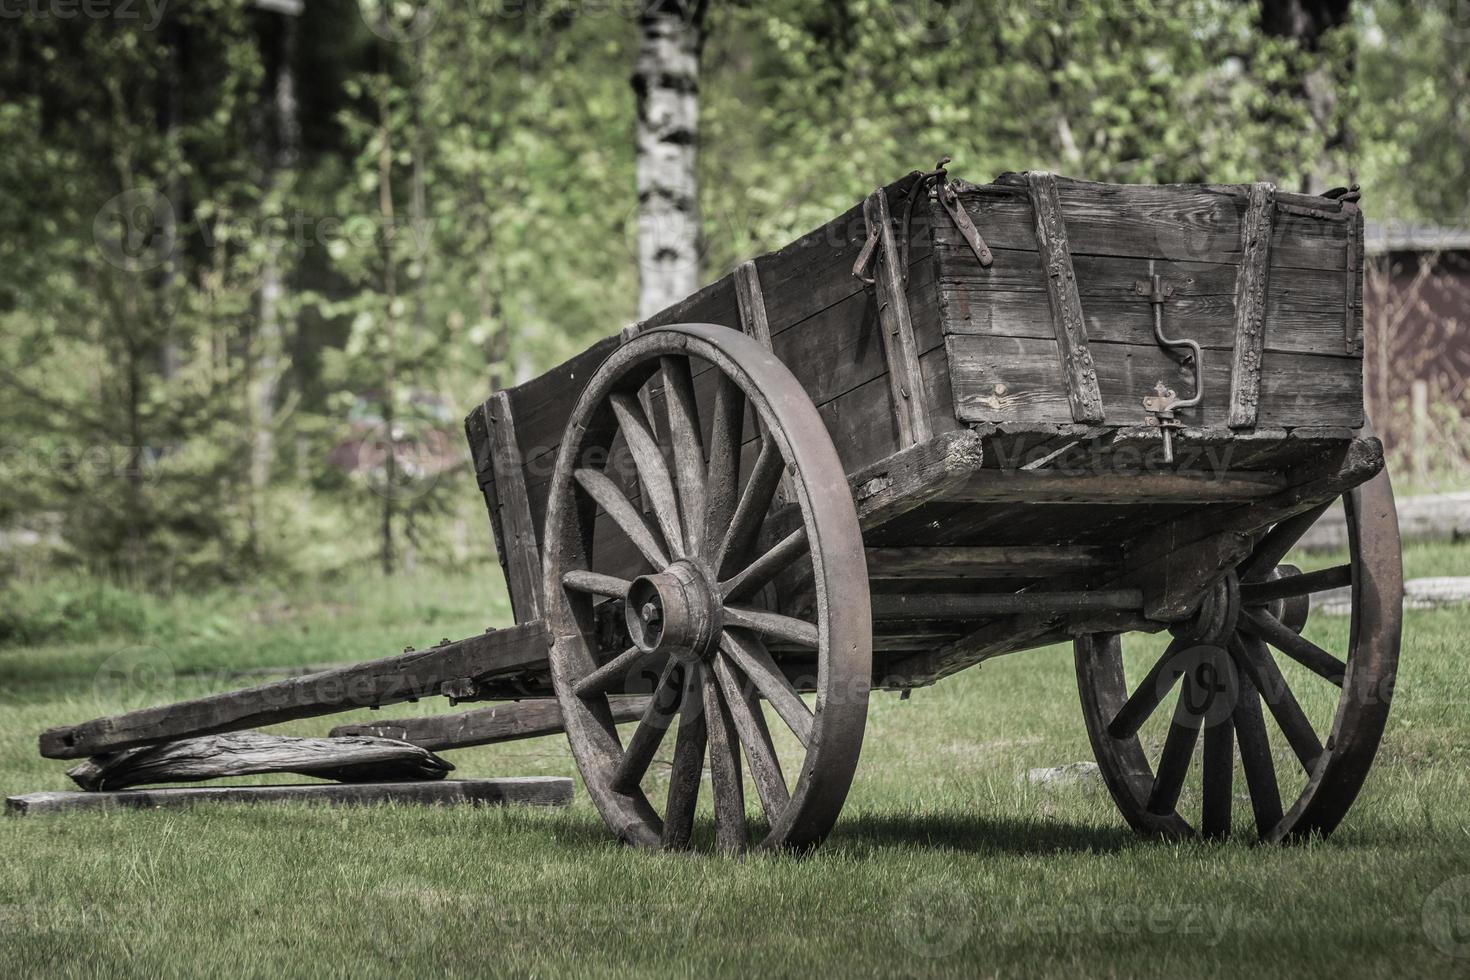 Ancienne voiture de manoir avec roues en bois photo